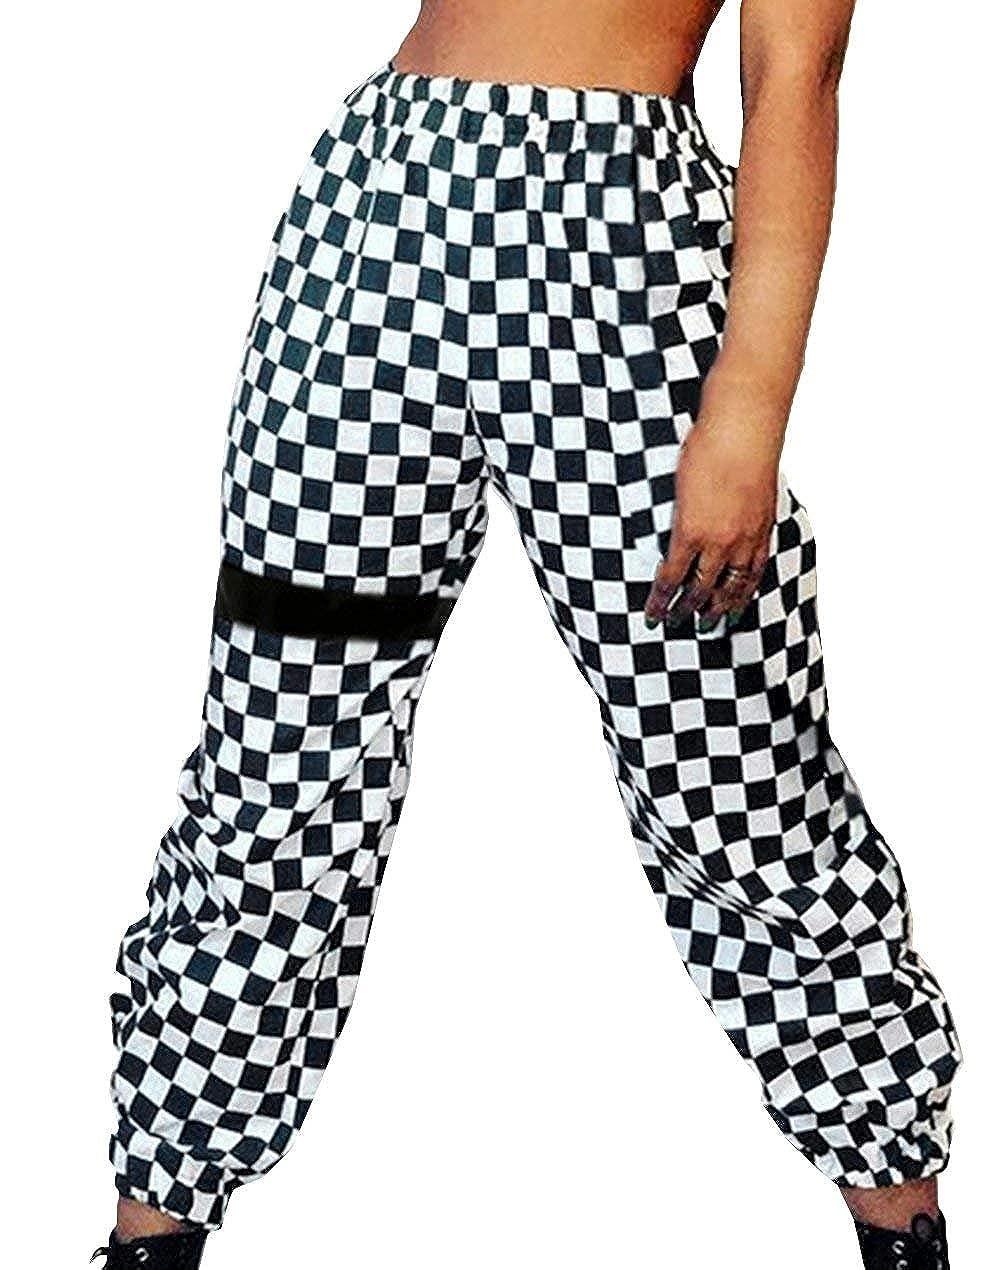 Pantaloni Donna Tempo Libero Pantaloni Primaverile Autunno Eleganti Moda Giovane Ragazze Accogliente Tendenza Streetwear Swag Pants Vita Elastica Damigella Lunga Cucitura Quadretti